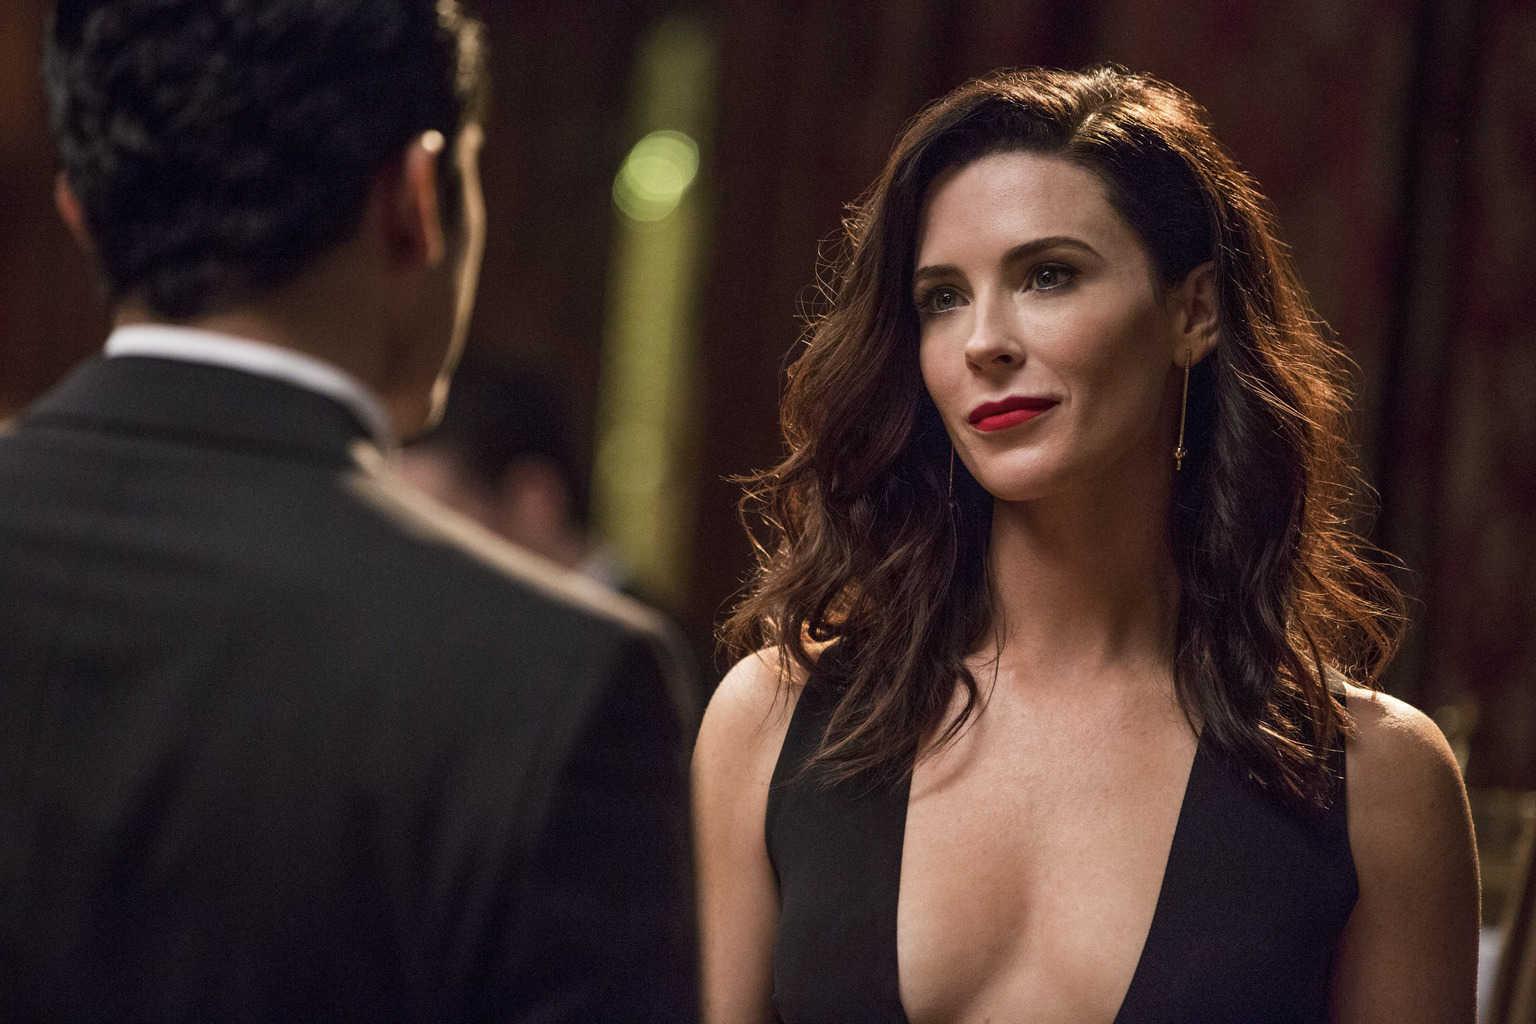 Bridget Regan as Sasha Cooper - The Last Ship Season 5